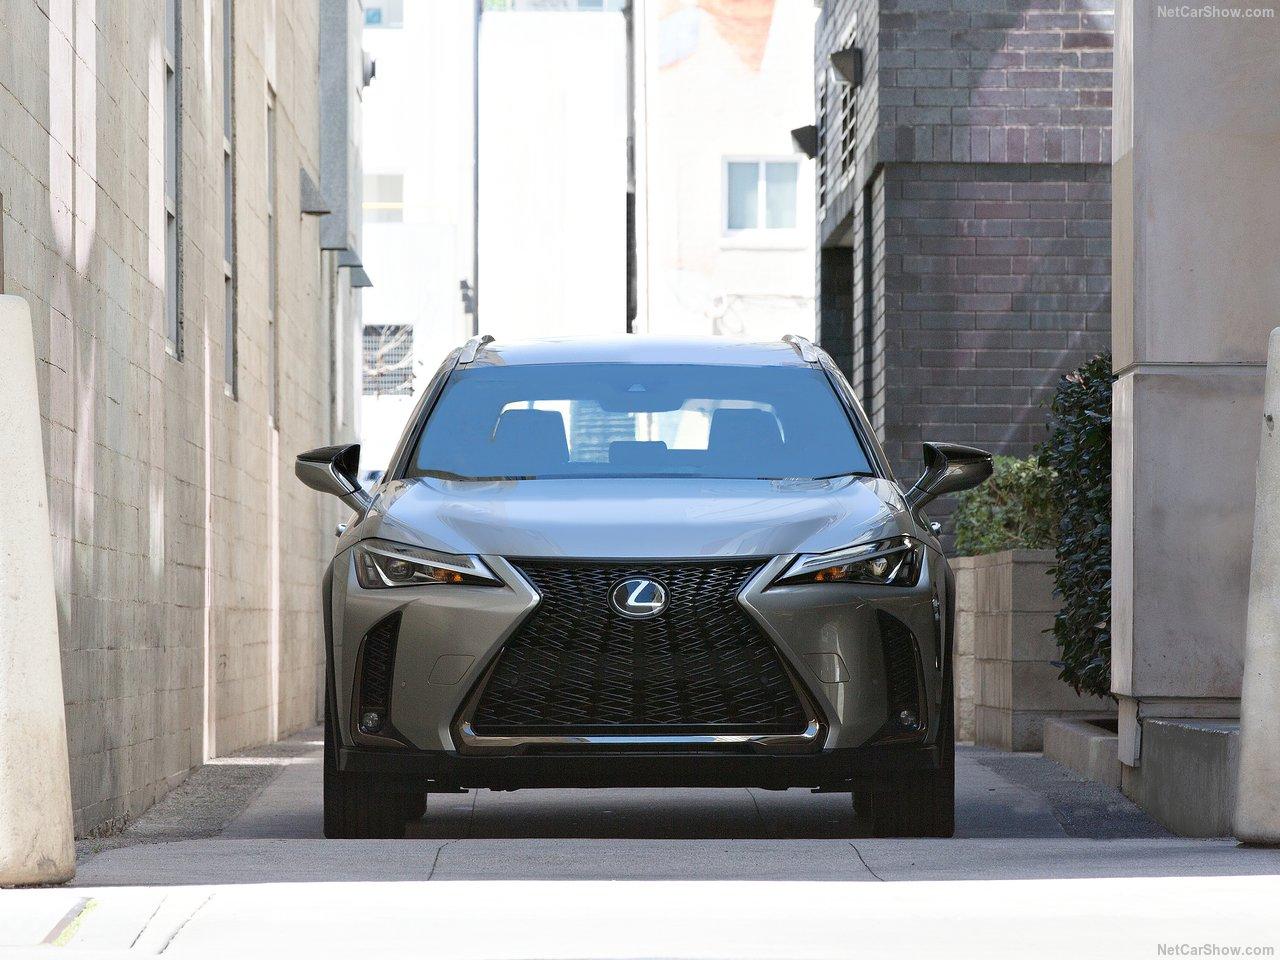 Lexus-UX-2019-1280-16_20180819014142ee7.jpg